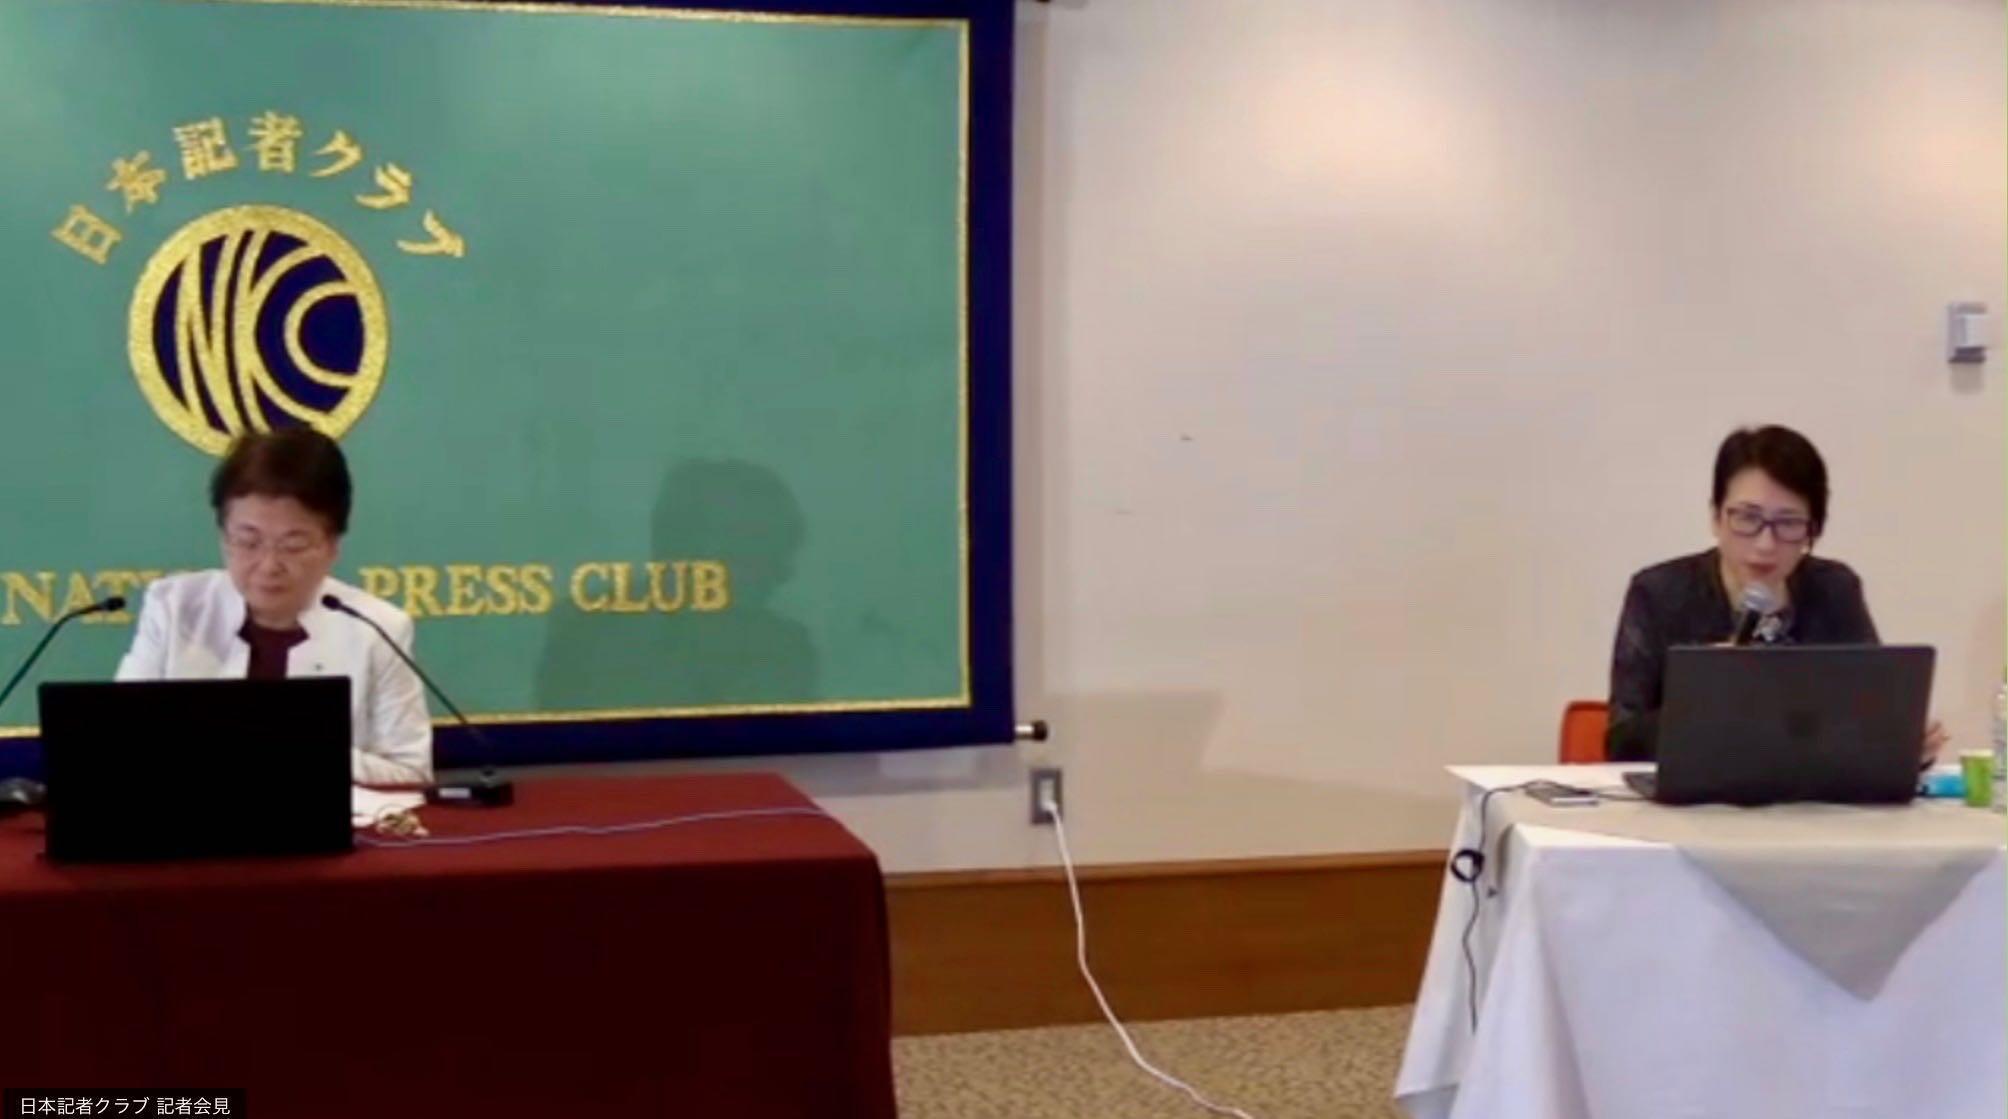 日本看護協会長がメディアに指摘 報道されない「焦点」とは